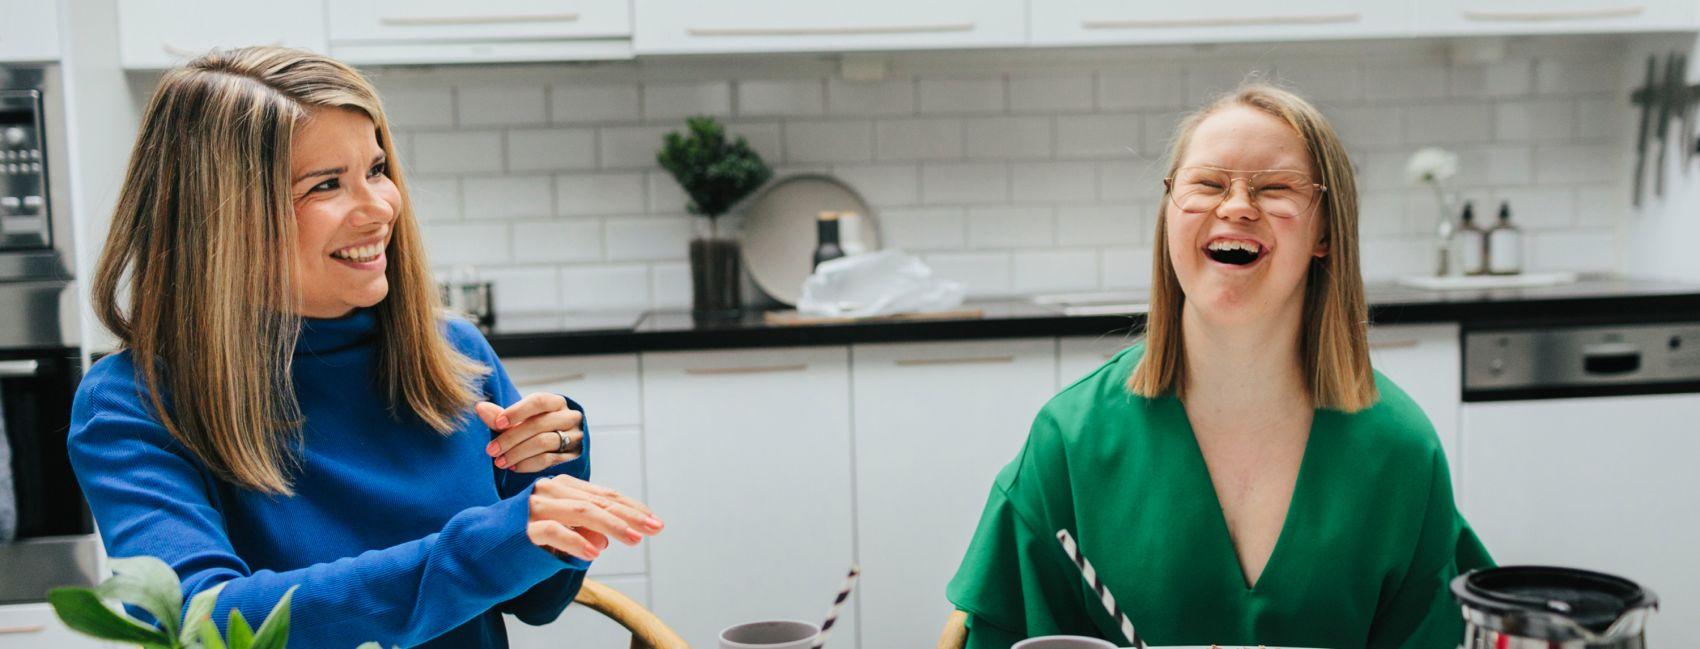 En voksen kvinne sitter ved kjøkkenbordet, ved siden av henne sitter det en jente med downsyndrom, hun smiler.